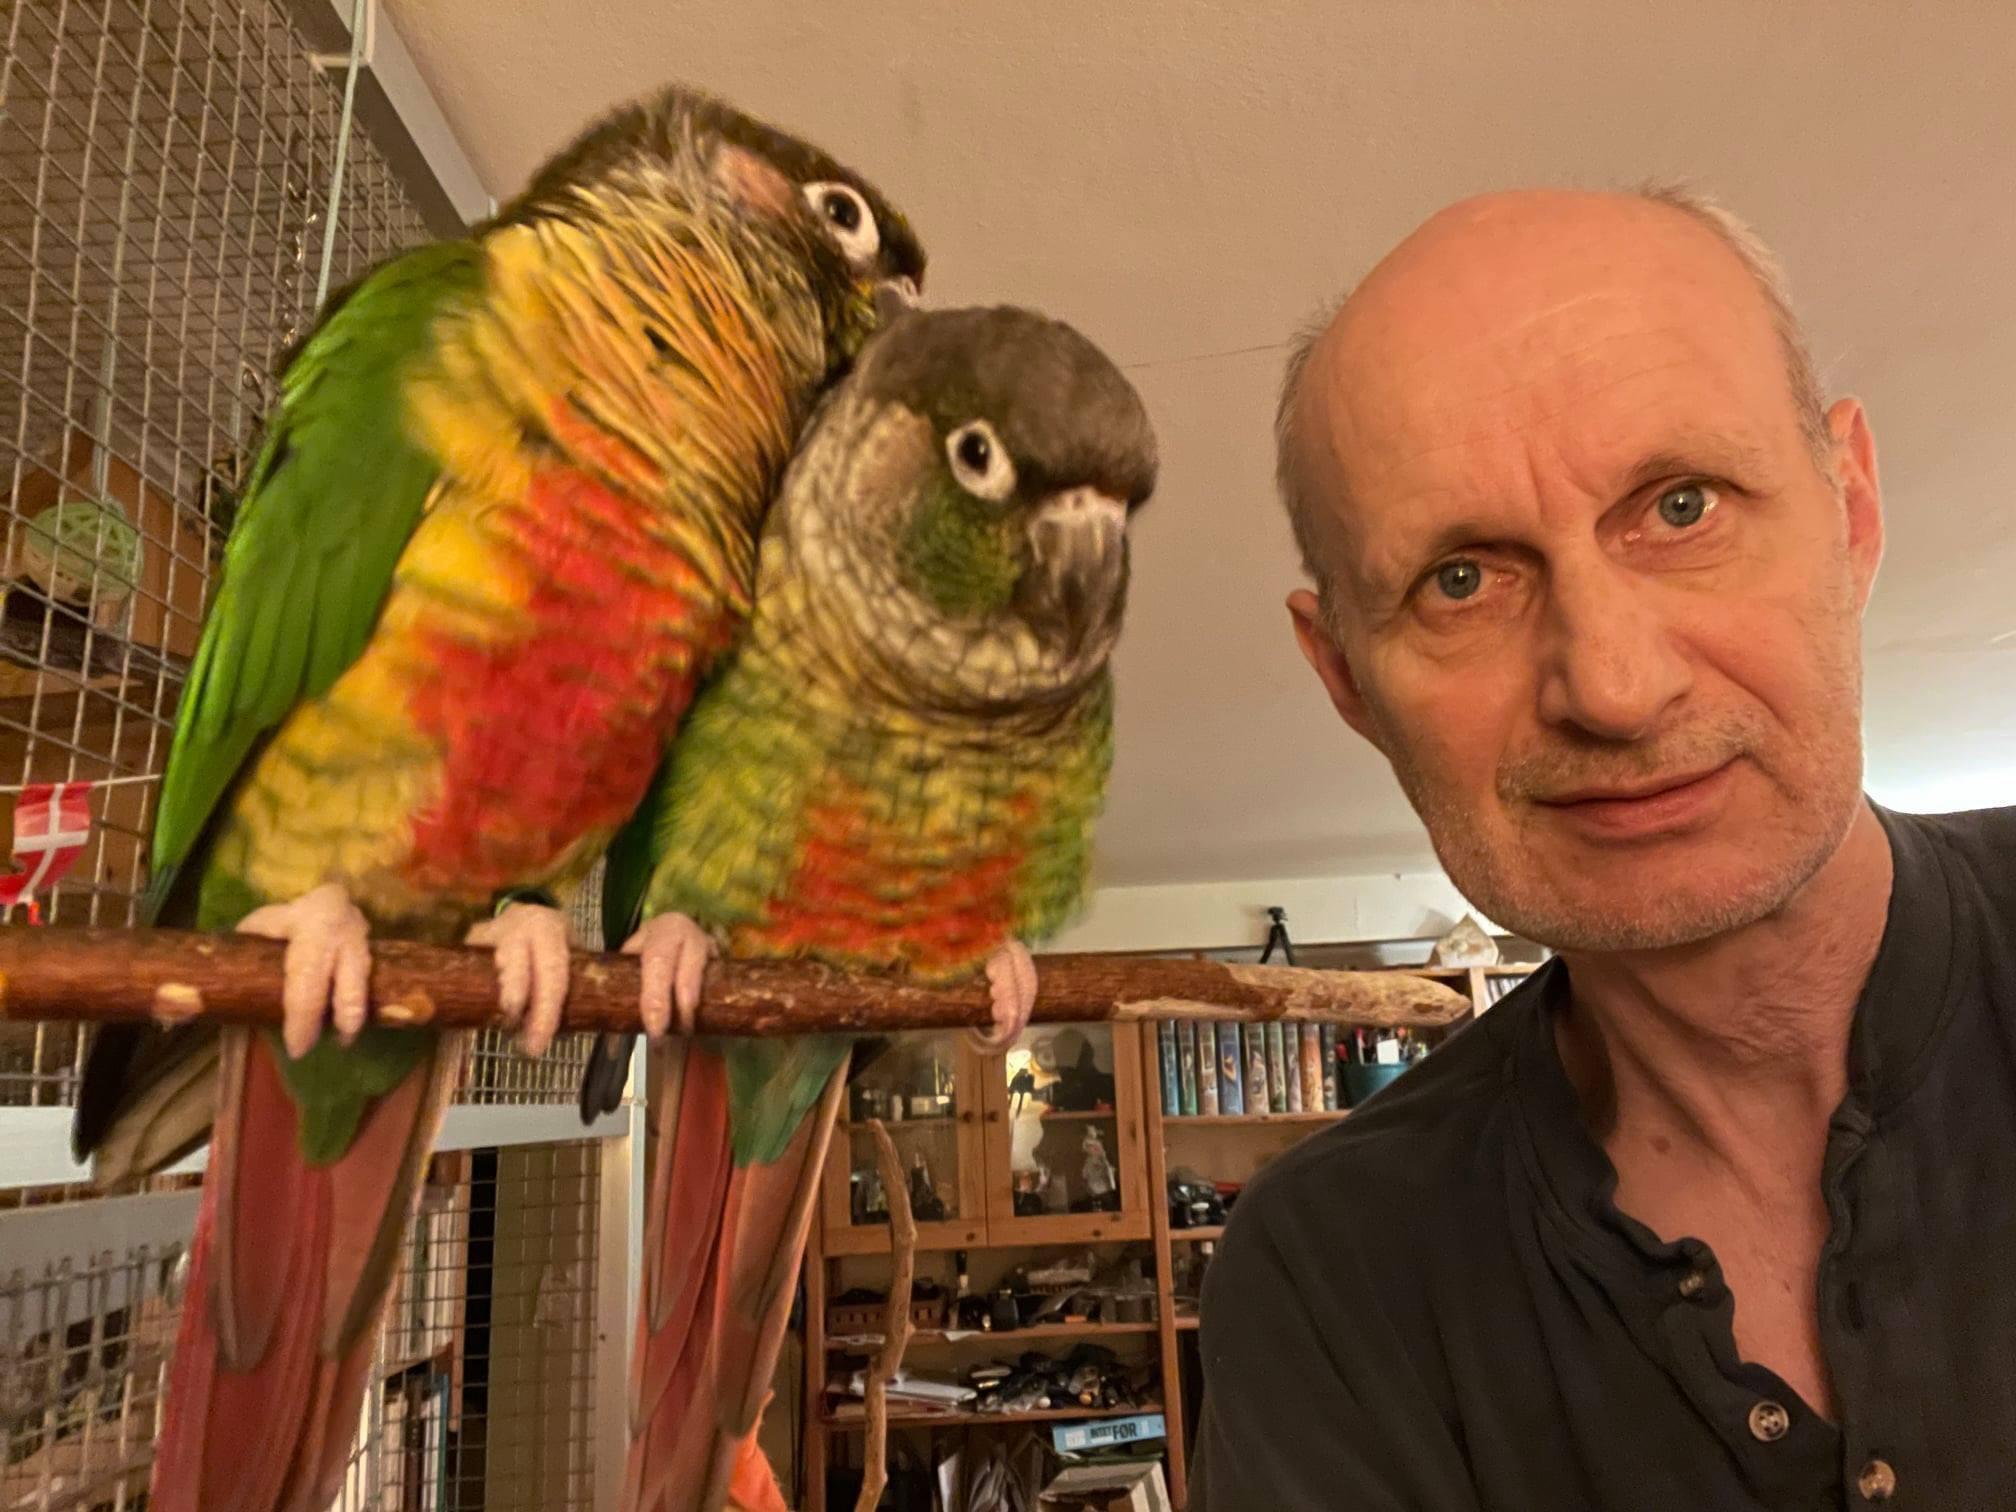 Har du set ham?: Papegøjen Teddy er forsvundet fra sit hjem